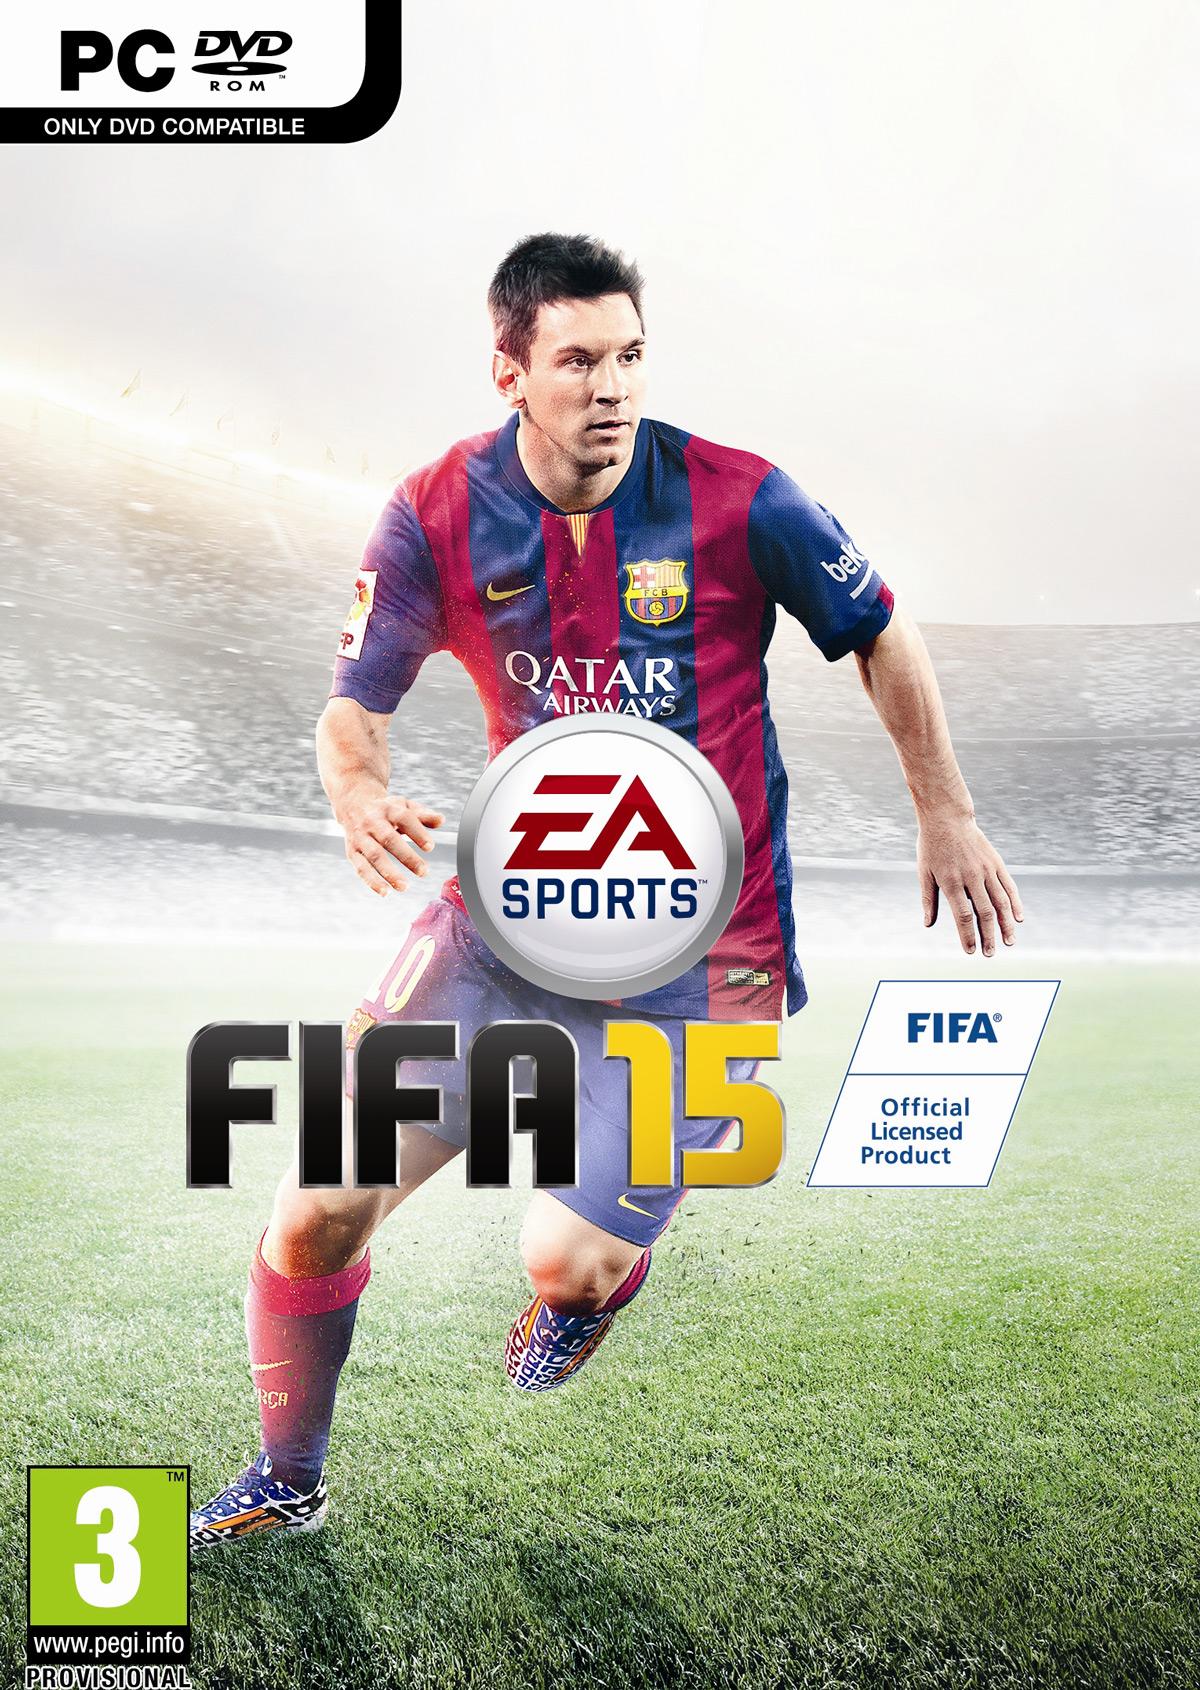 FIFA15免安装中文版